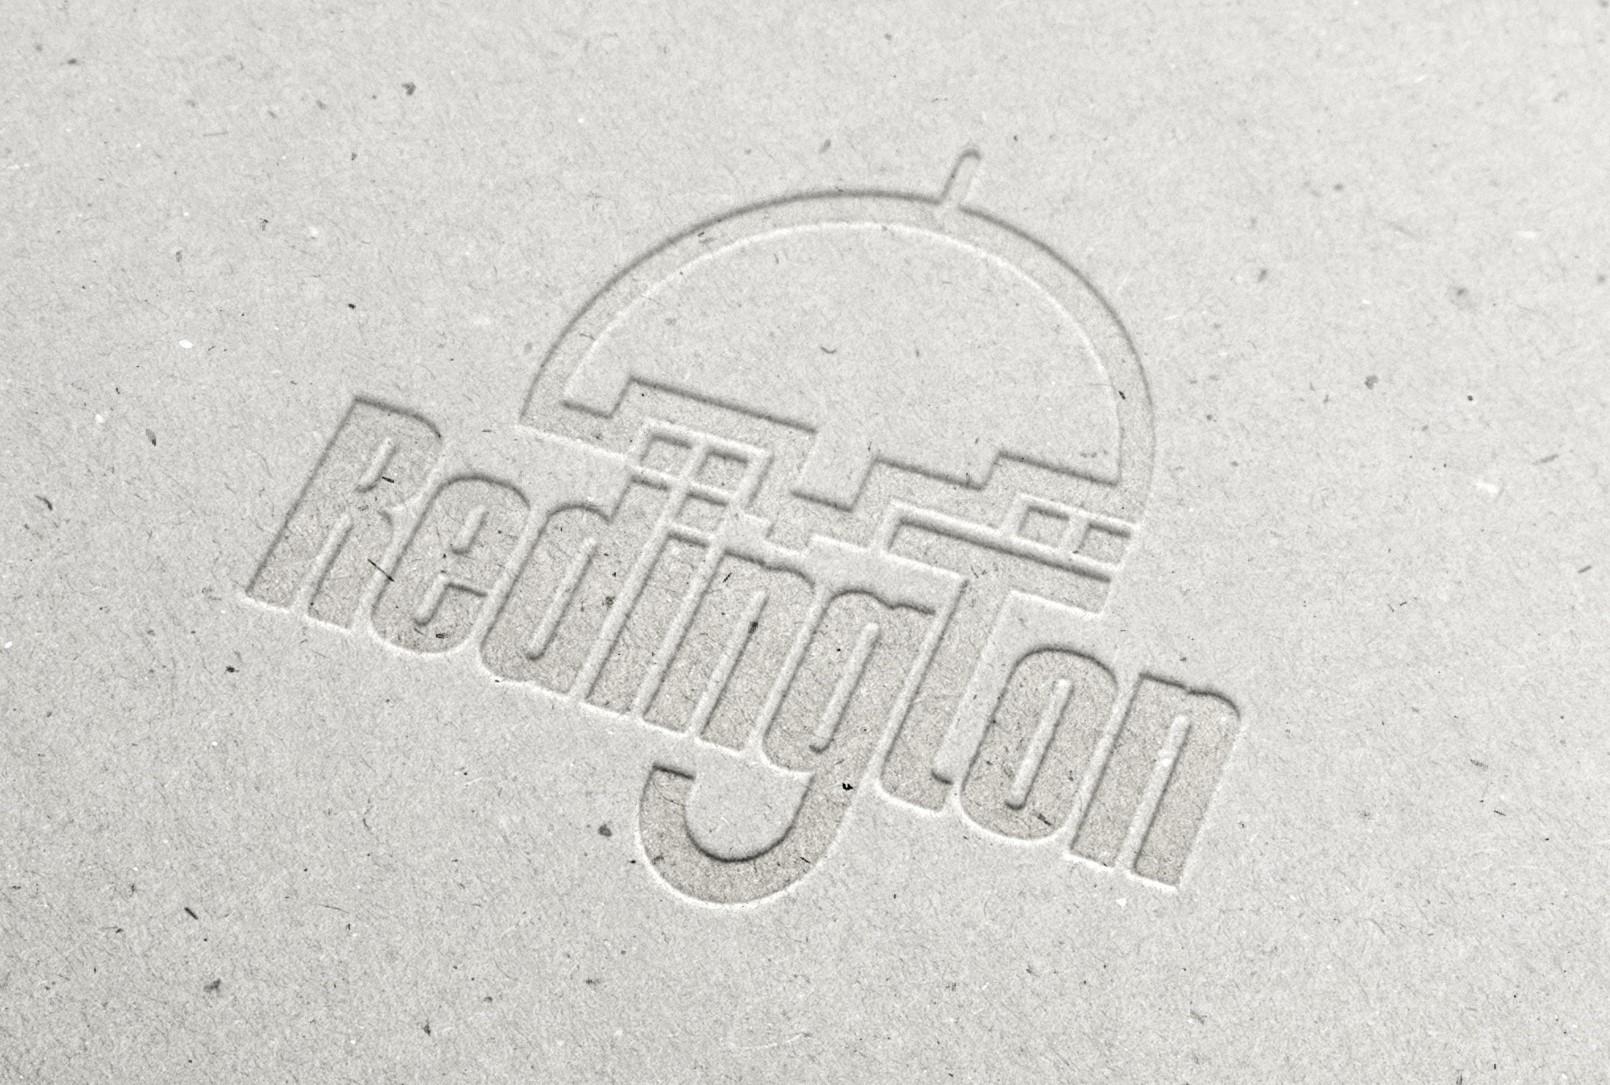 Создание логотипа для компании Redington фото f_65059b986d382fd5.jpg